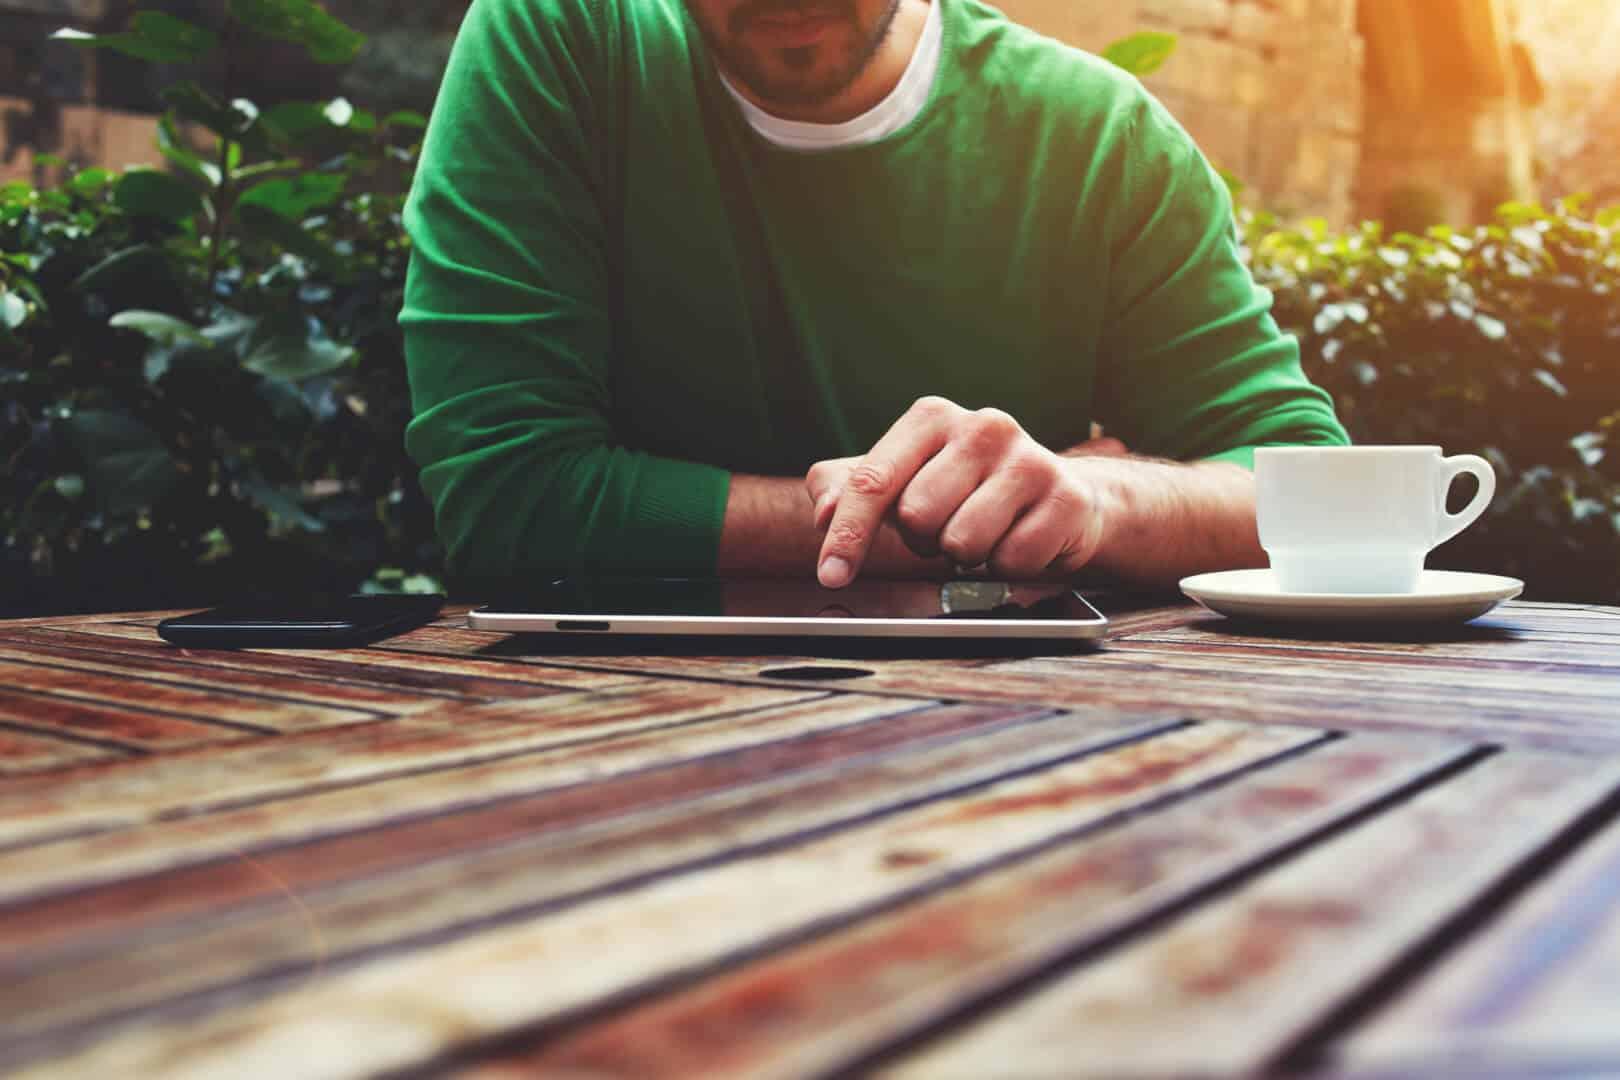 Chargeback, estorno e reembolso: qual é a diferença entre eles e o impacto que podem ter no seu negócio